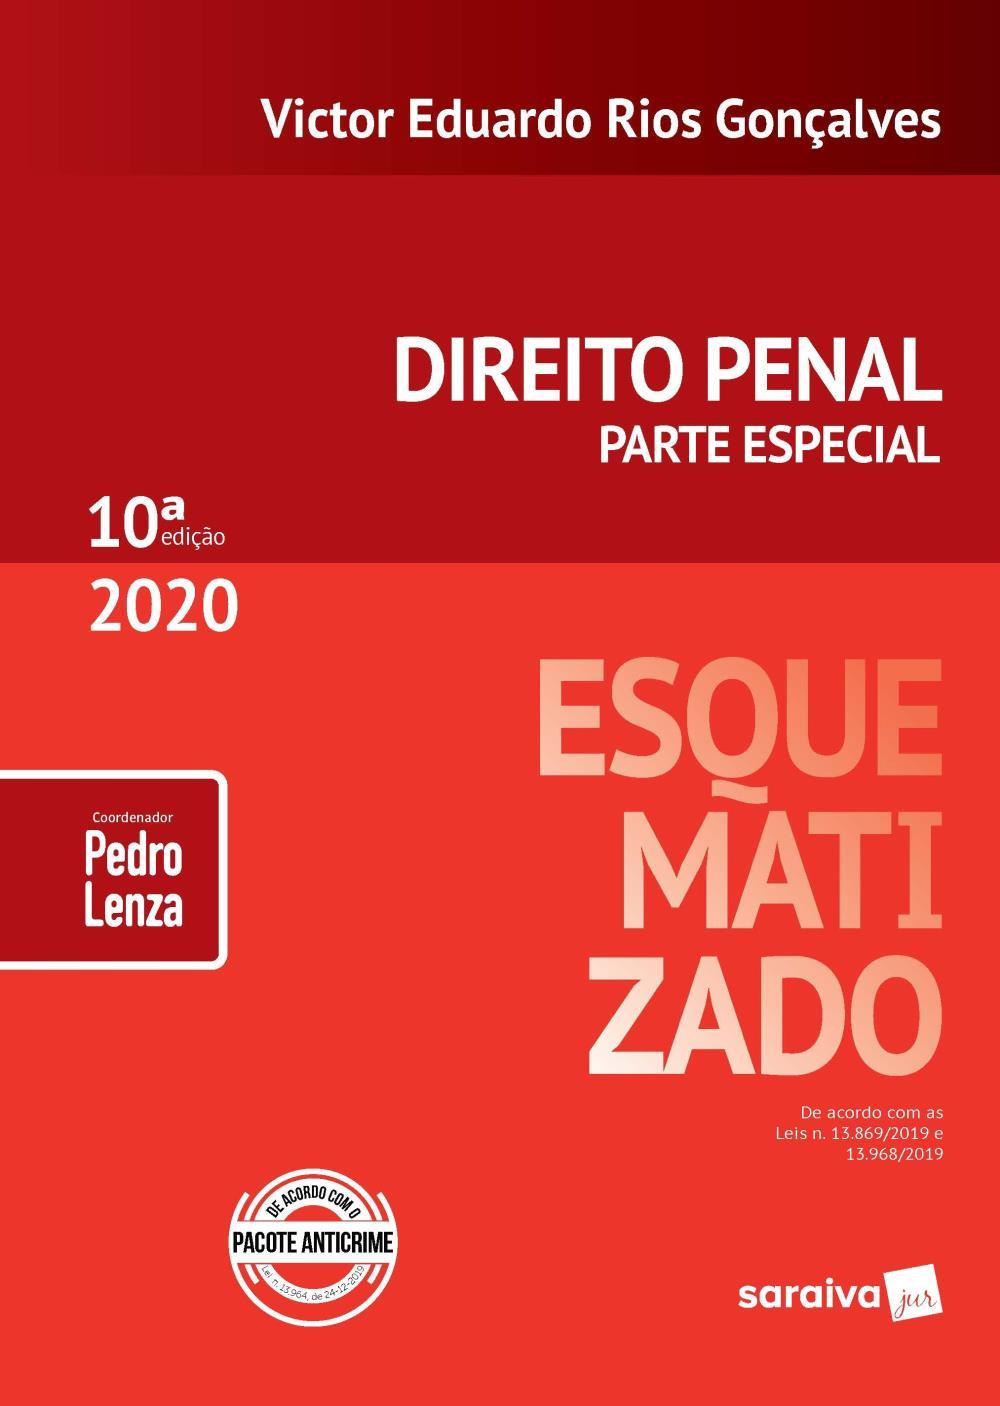 DIREITO PENAL PARTE ESPECIAL 10*  Ed 2020